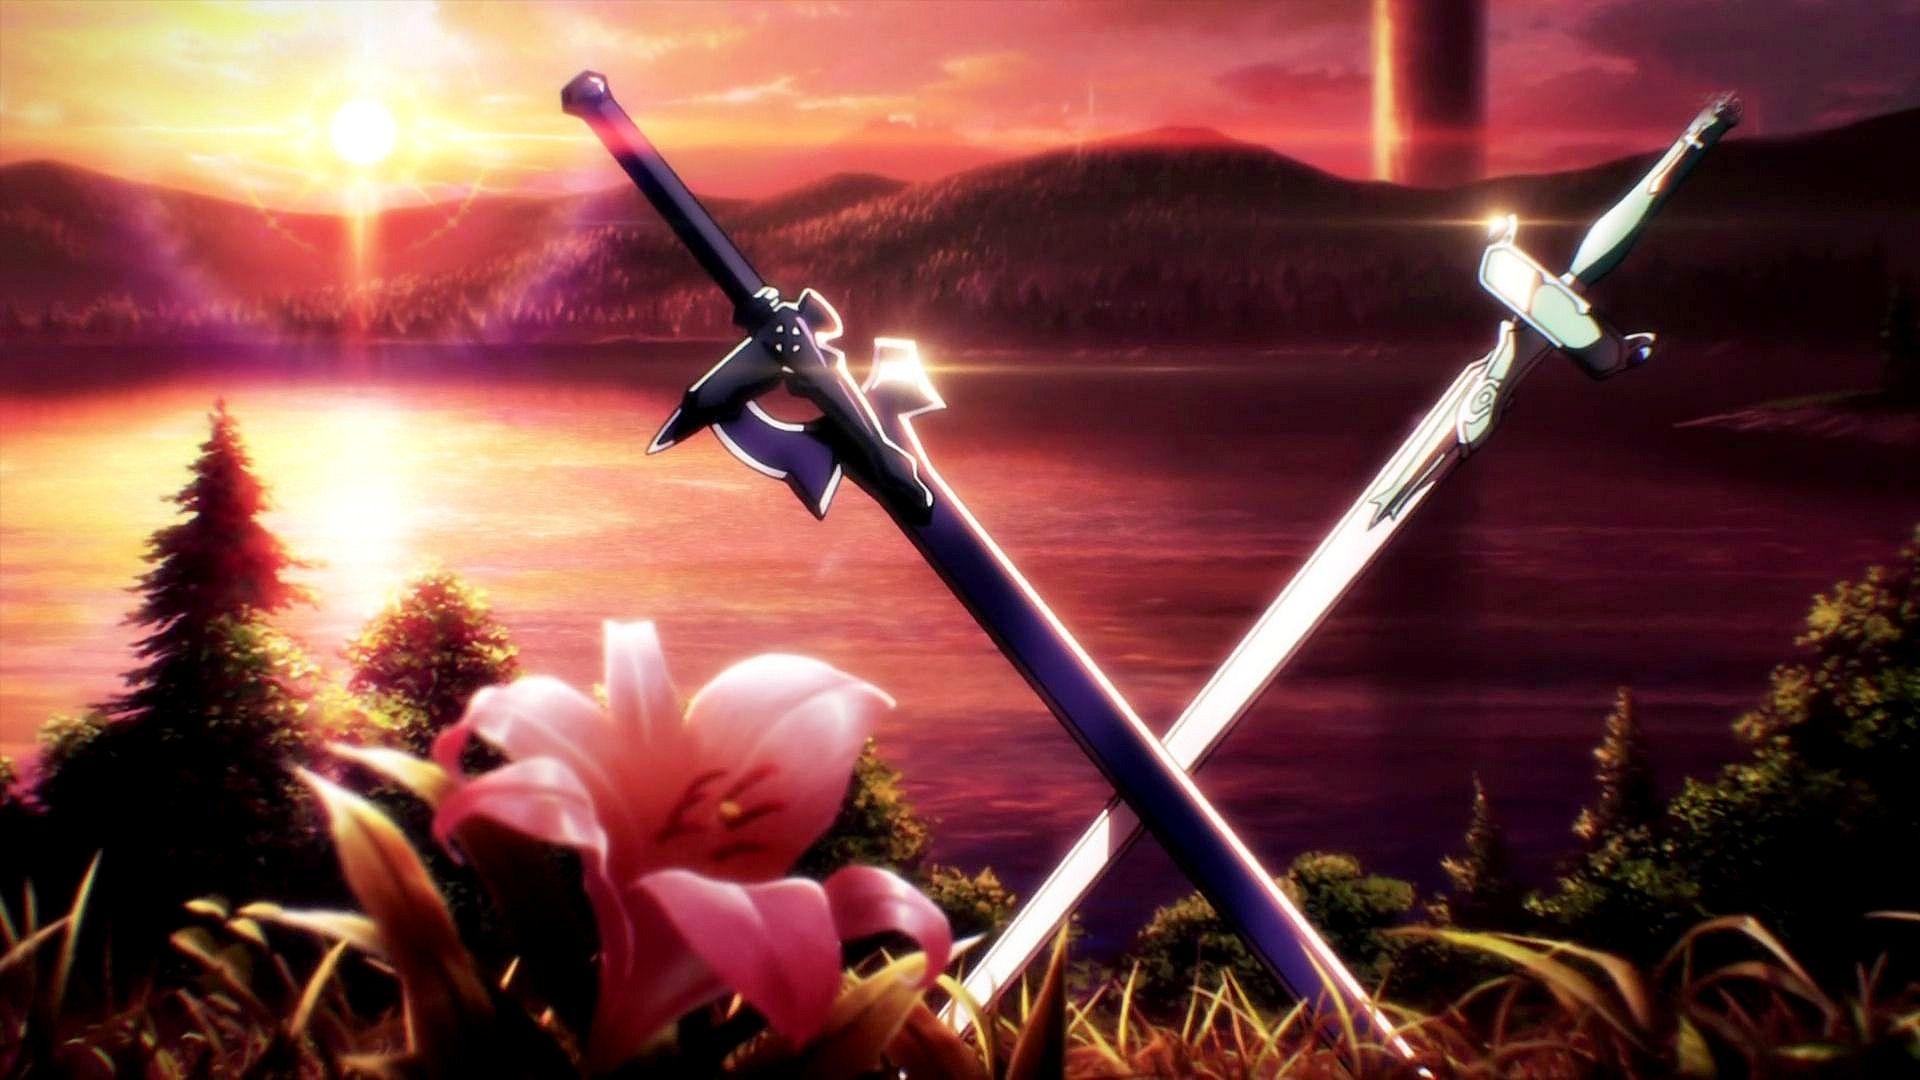 1080p 3d Anime Wallpaper Hd Doraemon In 2020 Sword Art Online Wallpaper Sword Art Sword Art Online Kirito